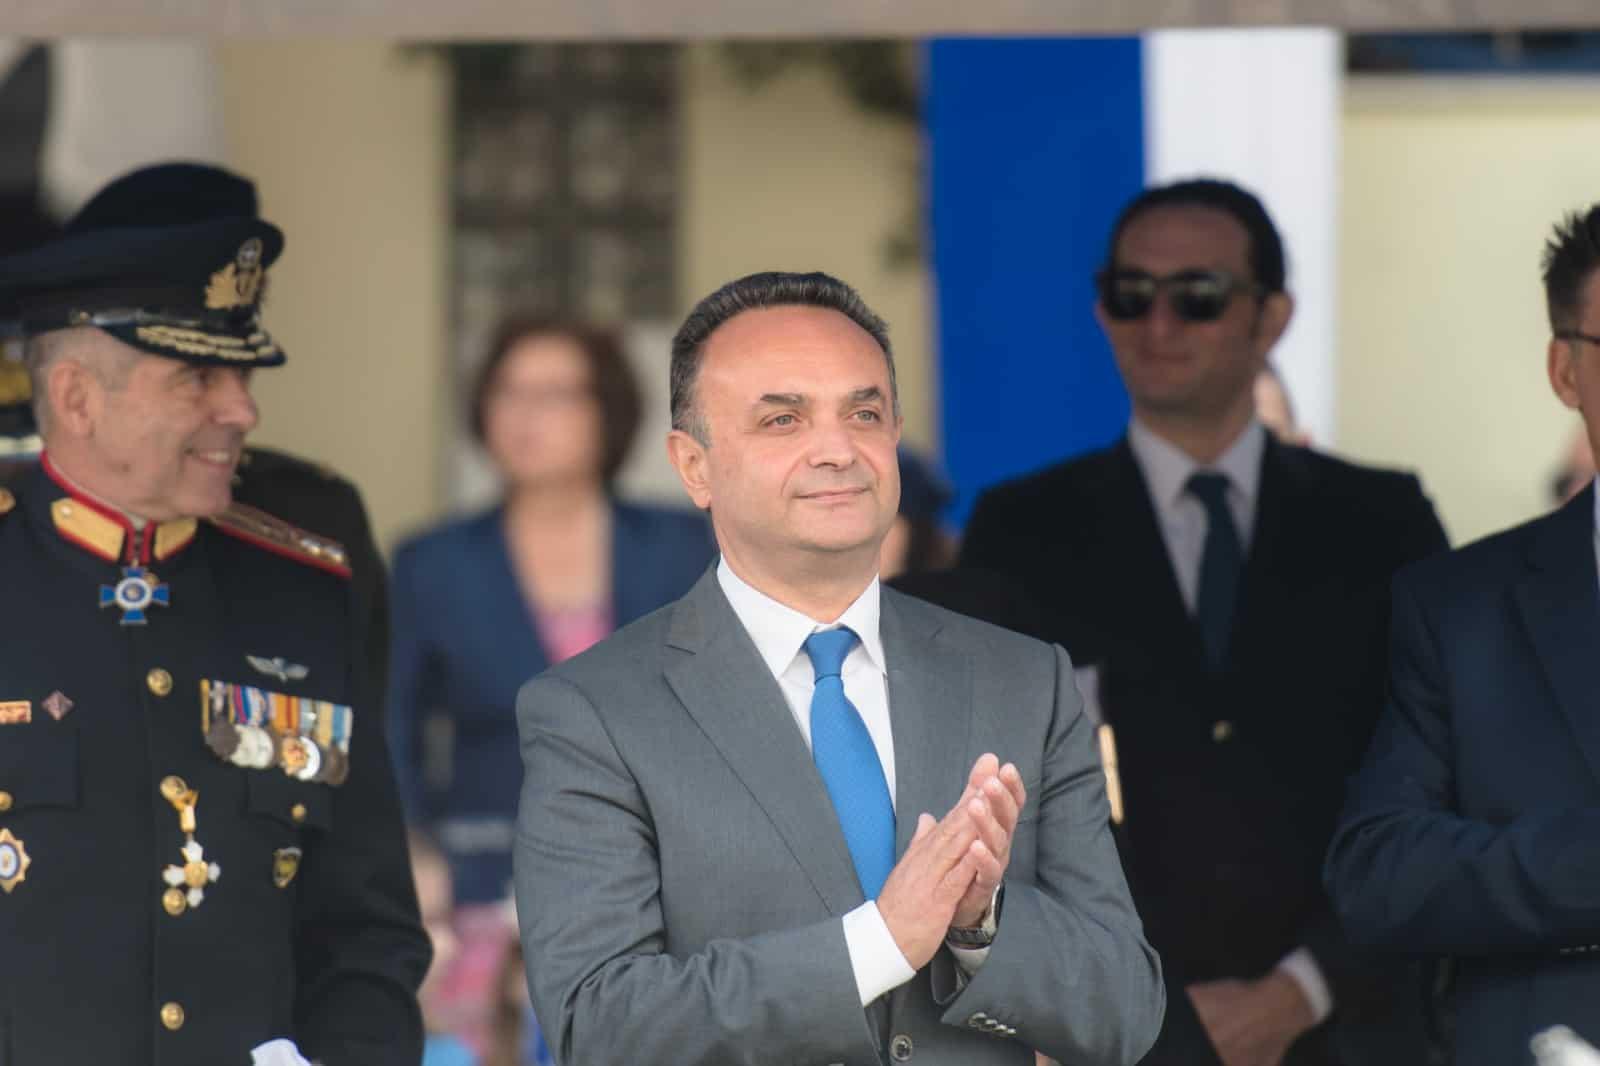 Εκπροσωπώντας την Κυβέρνηση στην Παρέλαση της 28ης ΟΚΤΩΒΡΙΟΥ 2019 στην Αλεξανδρούπολη